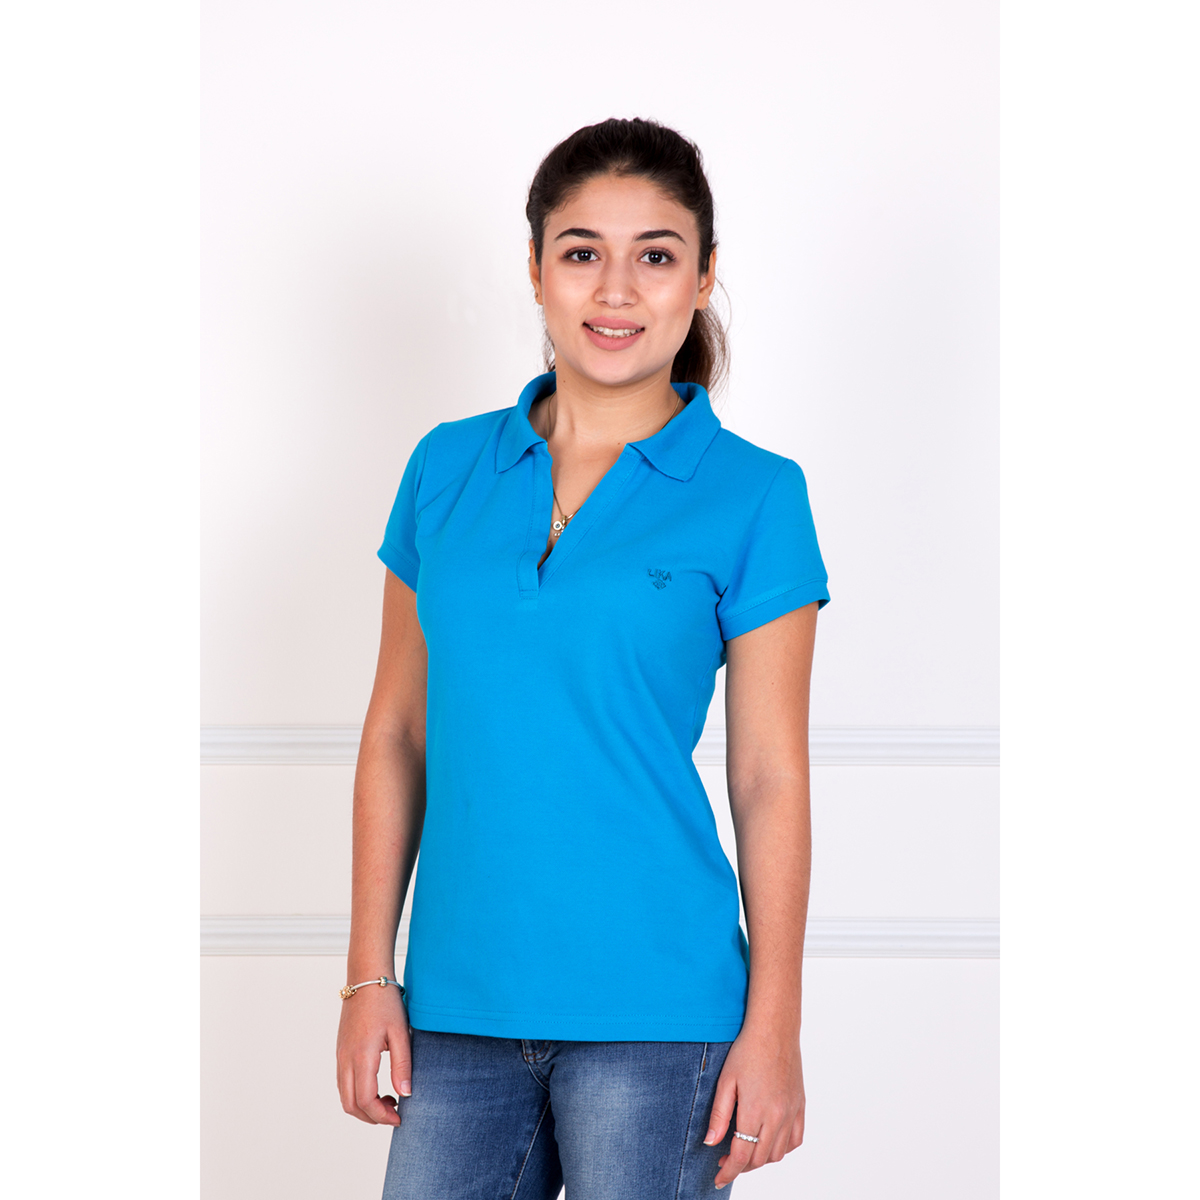 Женская футболка-поло Шерт Голубой, размер 44Майки и футболки<br>Обхват груди:88 см<br>Обхват талии:68 см<br>Обхват бедер:96 см<br>Рост:167 см<br><br>Тип: Жен. футболка<br>Размер: 44<br>Материал: Пике